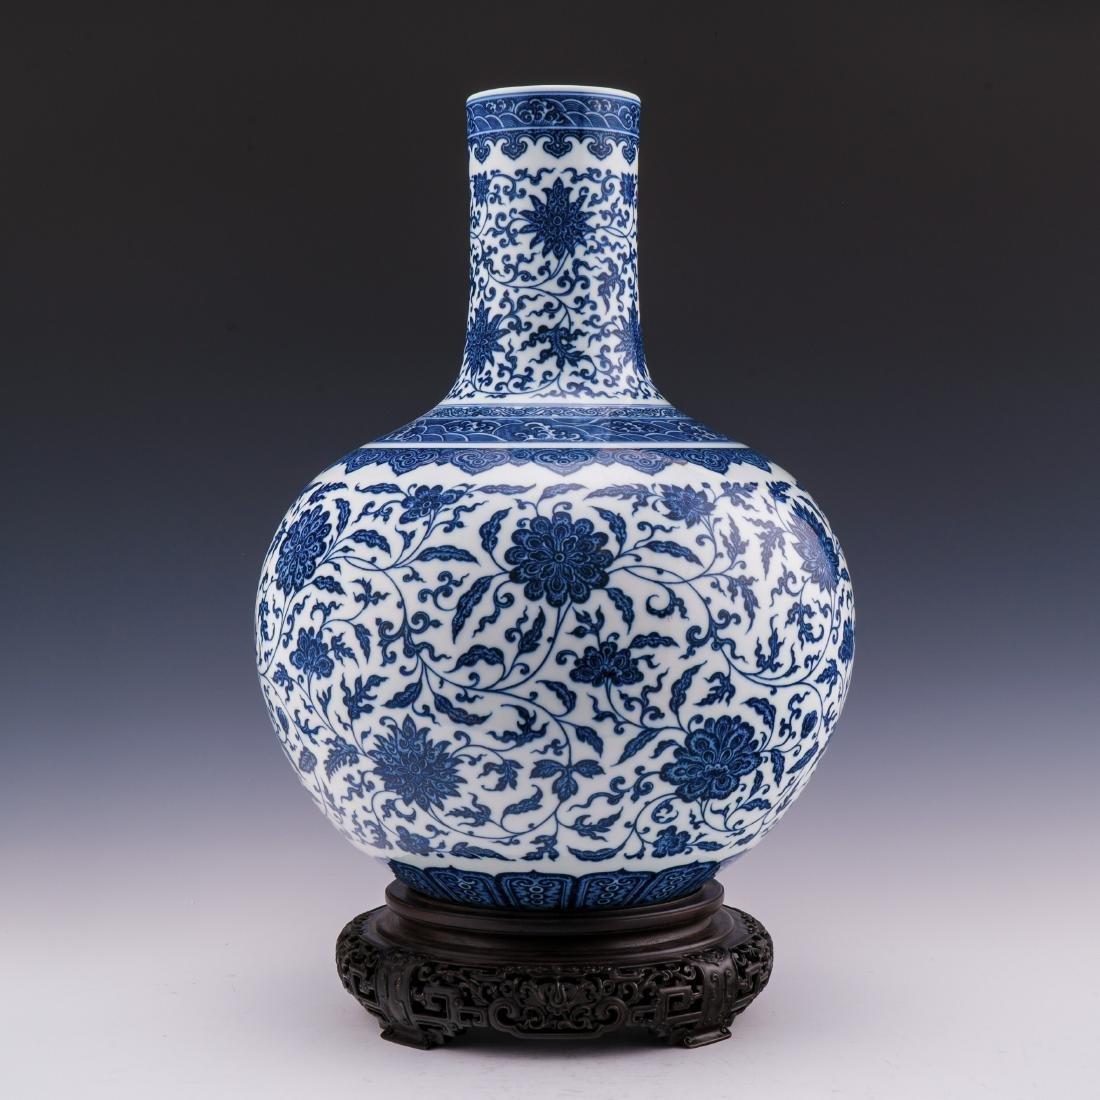 A YONGZHENG BLUE & WHITE LARGE CELESTIAL VASE